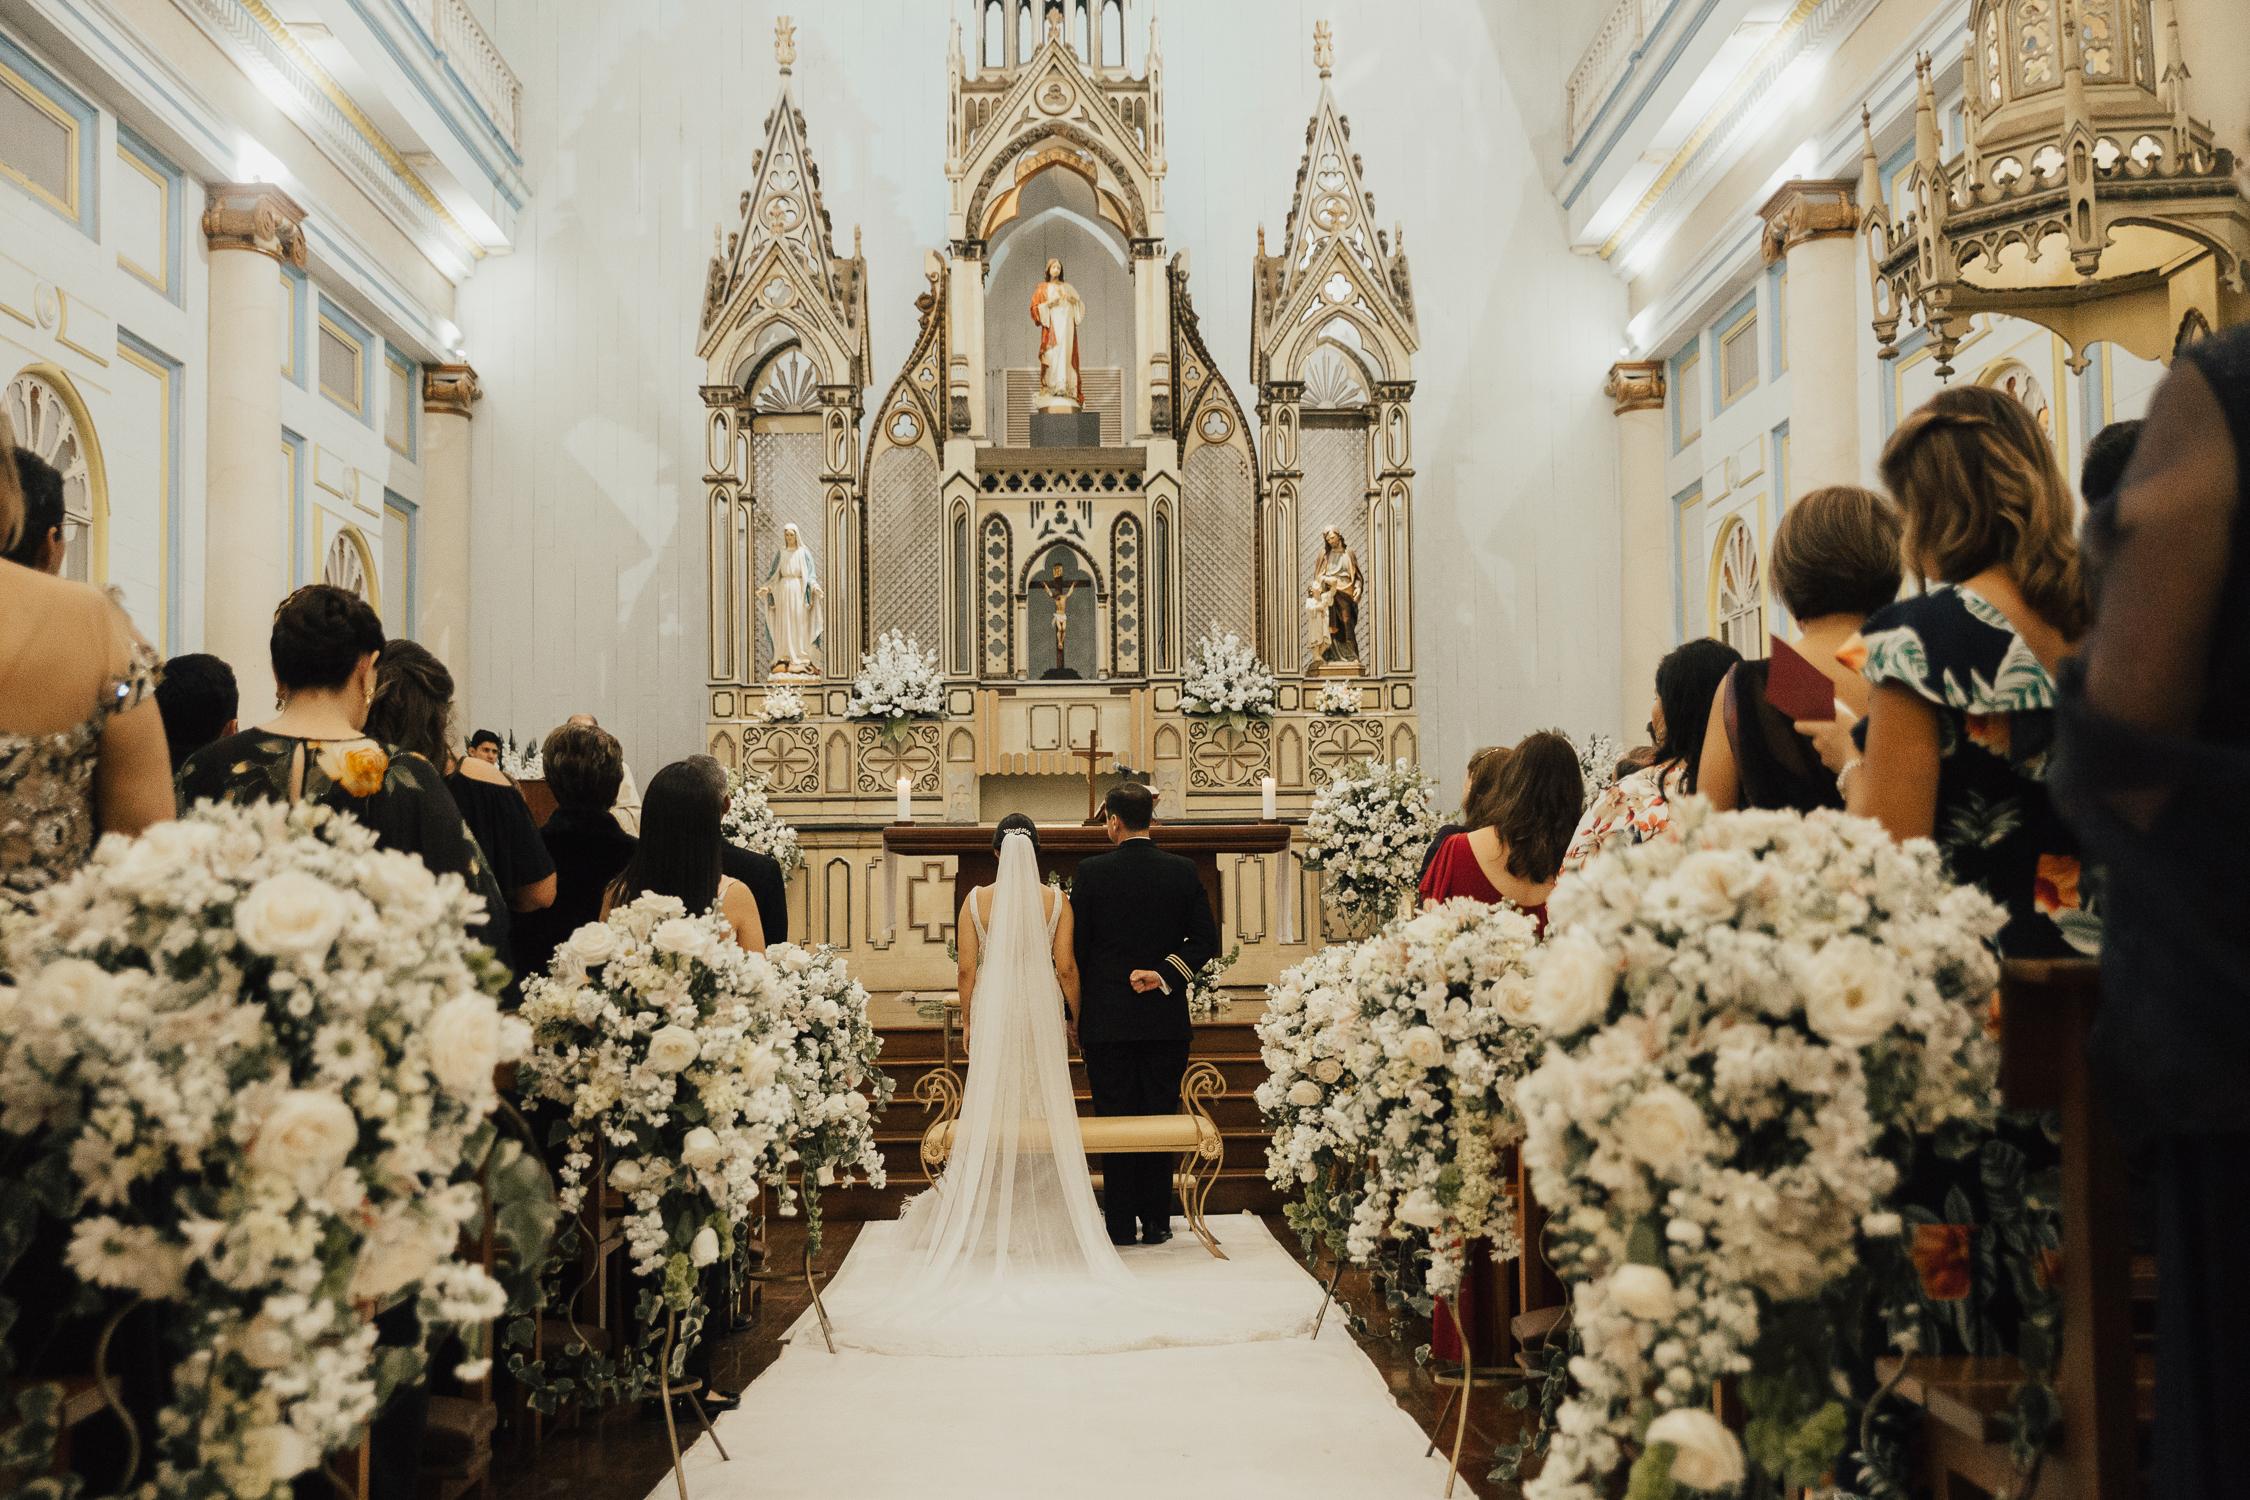 Michelle-Agurto-Fotografia-Bodas-Ecuador-Destination-Wedding-Photographer-Ecuador-Mercedes-Alvaro-60.JPG